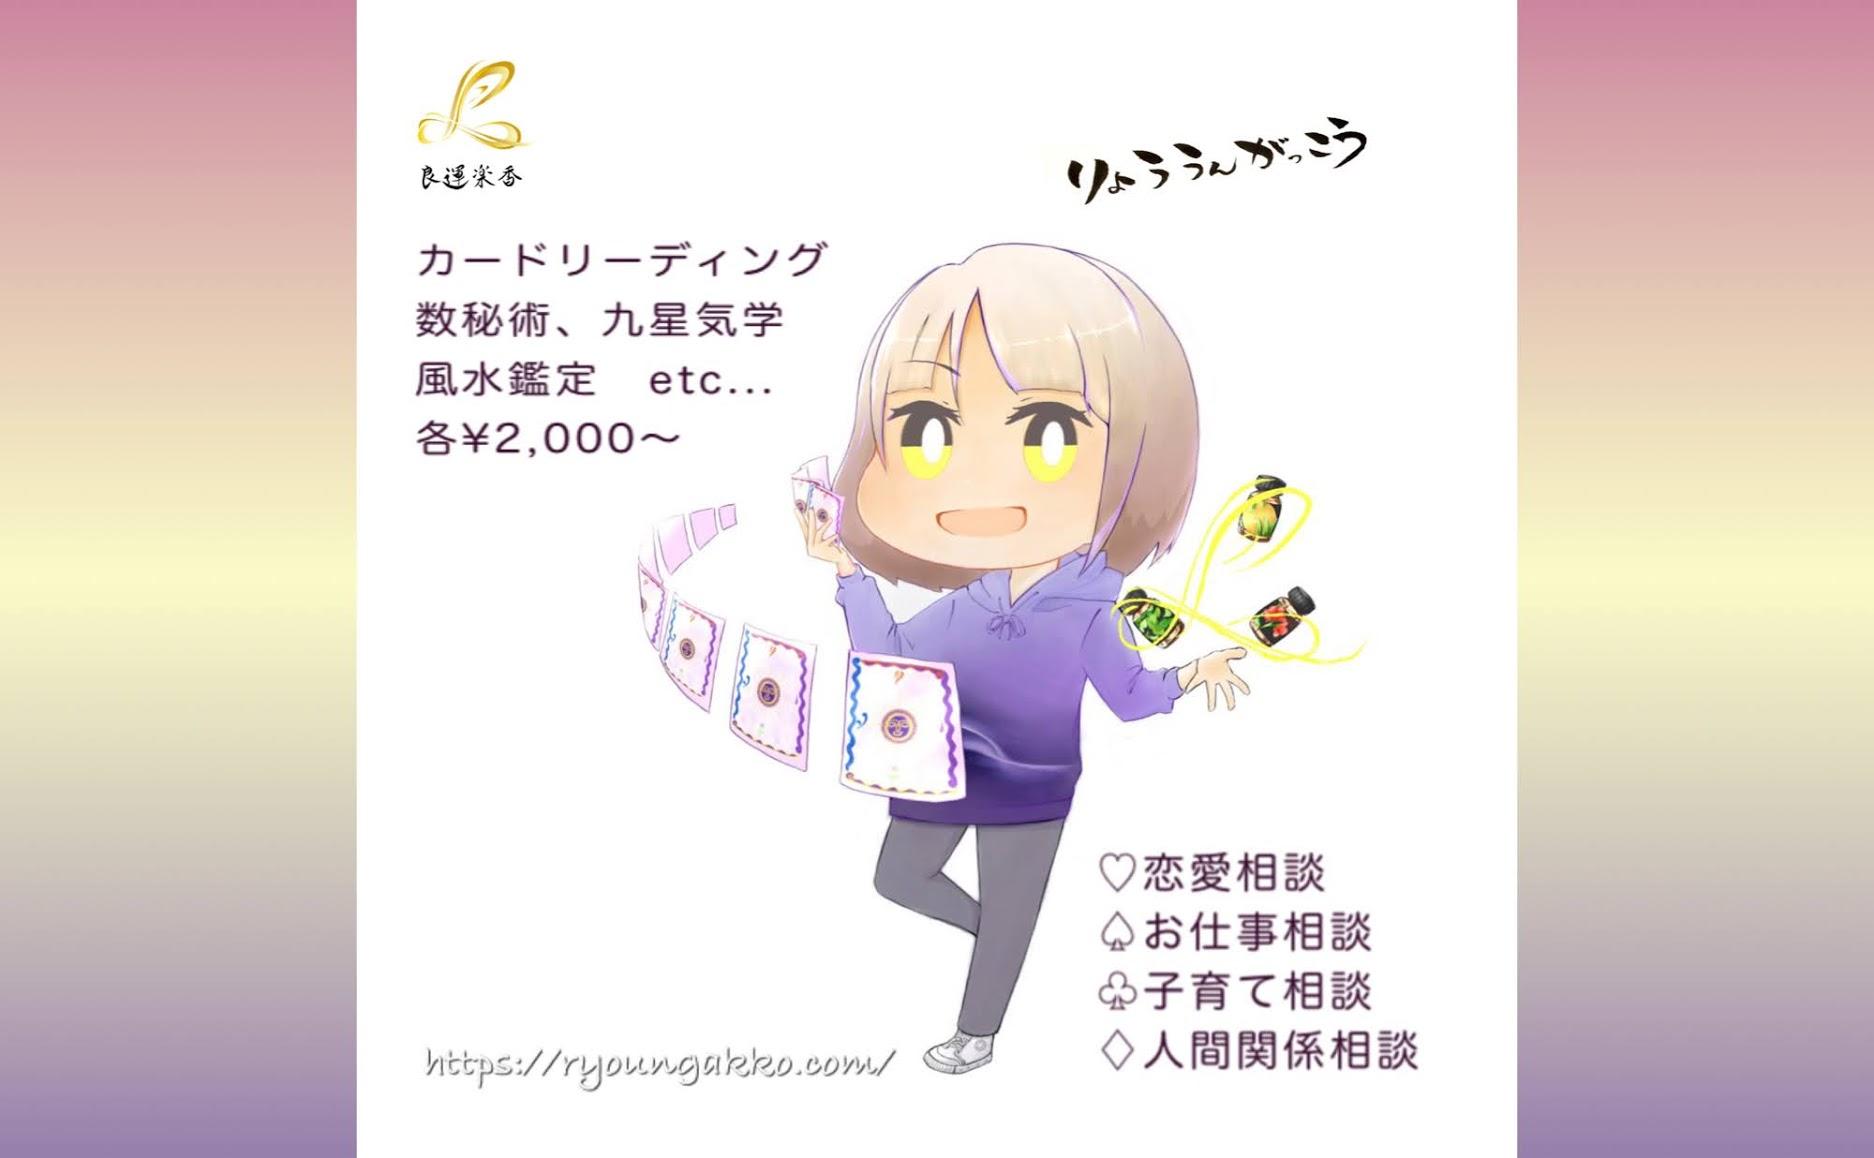 【11月】イベント・対面セッション・出店情報のお知らせ